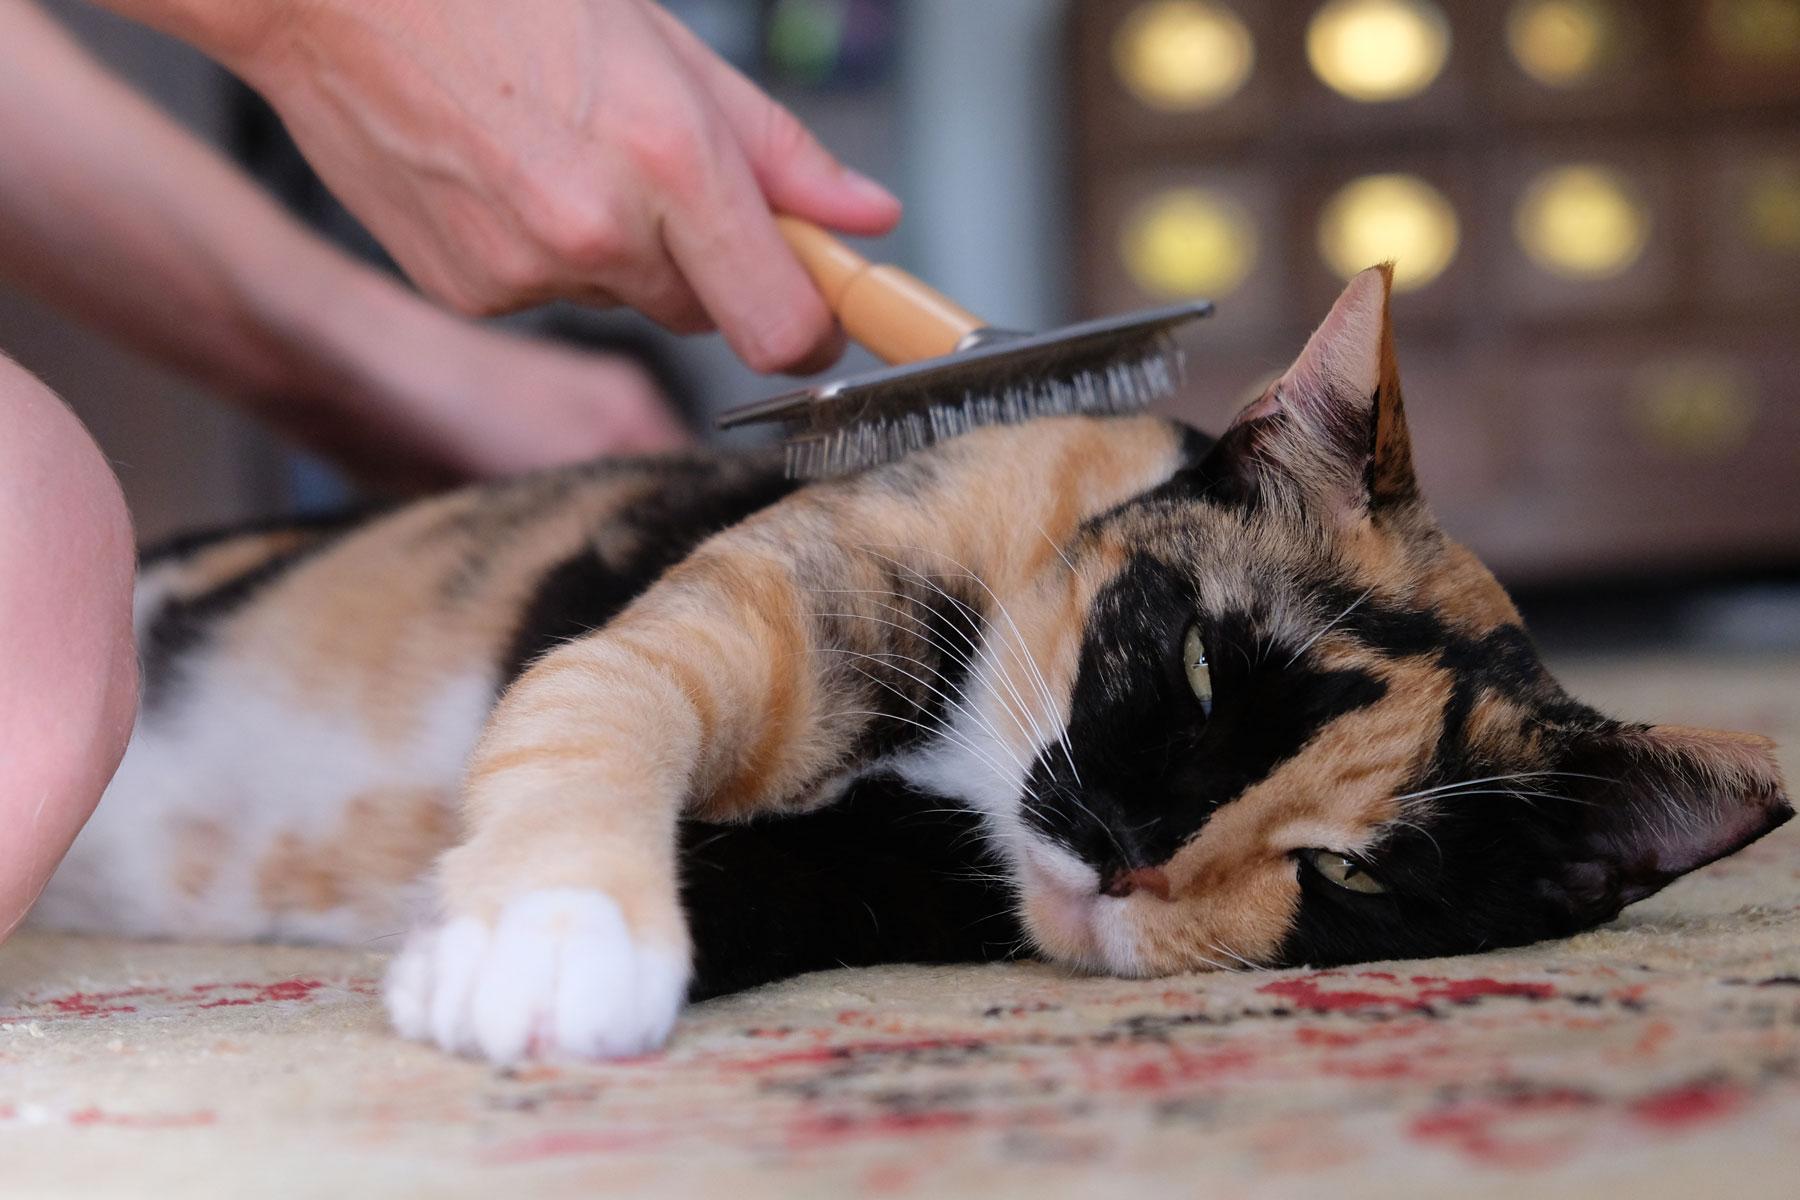 Eine Katze liegt auf einem Teppich und wird gebürstet.